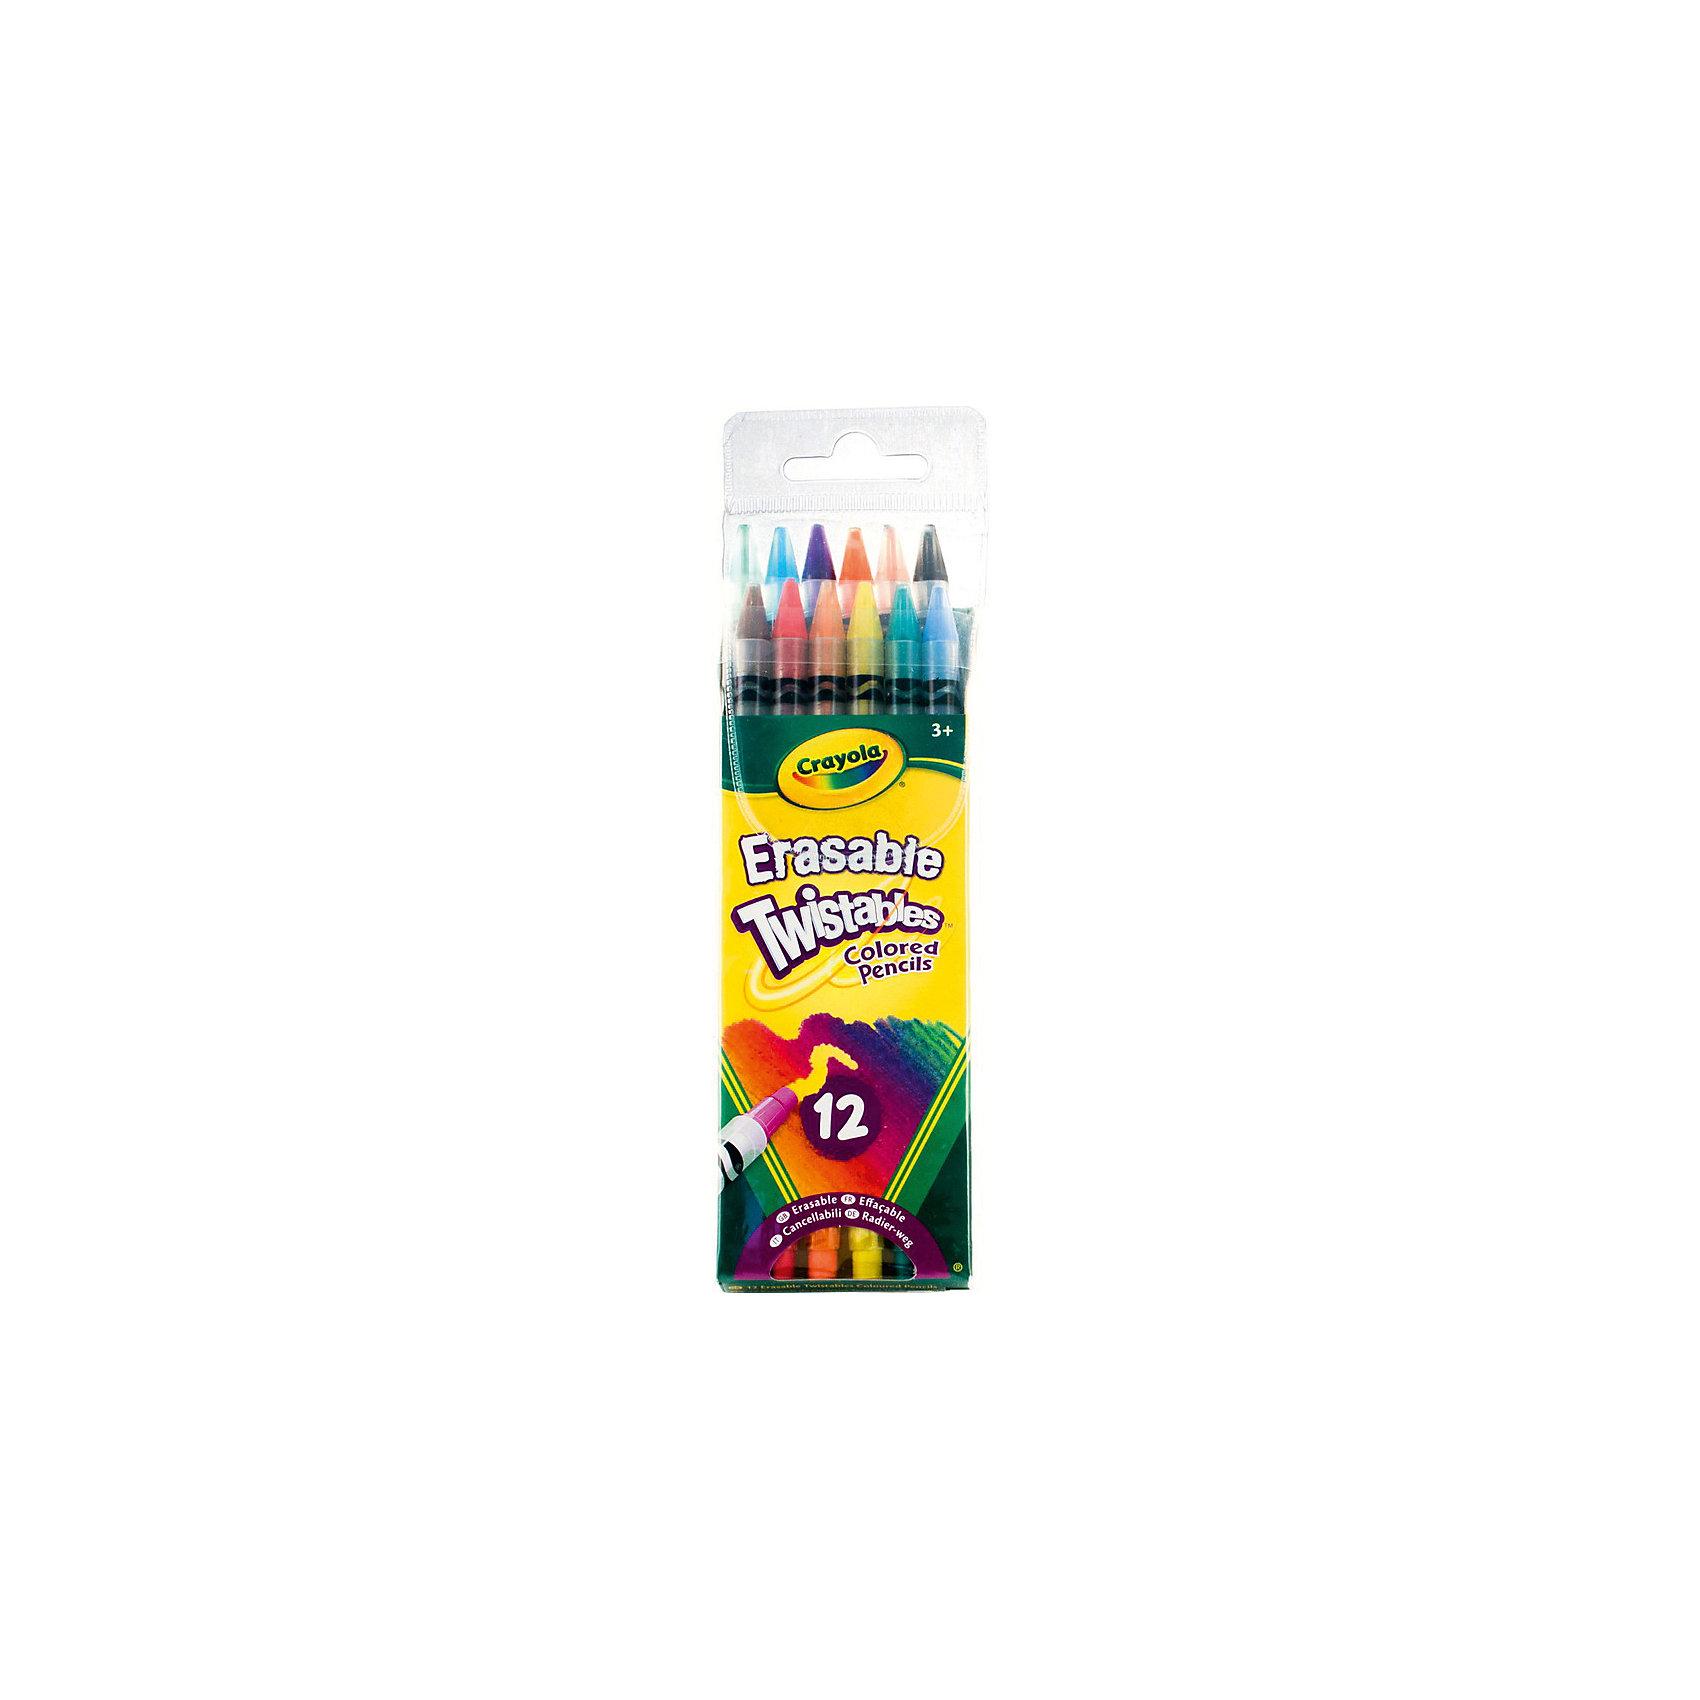 Набор выкручивающихся карандашей, 12 шт., CrayolaНабор из 12 выкручивающихся карандашей с ластиками от Crayola (Крайола) помогут ребенку научиться рисовать и сделать свои рисунки аккуратнее. <br>Нередко карандаши ломаются и портятся, когда дети самостоятельно пытаются их подточить. С этими карандашами от Crayola (Крайола) подобного не произойдет, ведь они всегда подточены. Просто немного подкрутите карандаш, и вы сможете снова рисовать линии нужной толщины. <br>На конце каждого карандаша есть качественный ластик, позволяющий бесследно стереть нарисованное, не портя при этом бумагу. Теперь рисунки будут максимально аккуратными.<br><br>Дополнительная информация:<br><br>В наборе 12 карандашей разных цветов в пластиковых корпусах. <br>Размеры упаковки: 21х6,2х2 см. <br>Вес набора: 119 грамм.<br><br>Набор выкручивающихся карандашей, 12 шт., Crayola можно купить в нашем магазине.<br><br>Ширина мм: 210<br>Глубина мм: 62<br>Высота мм: 20<br>Вес г: 119<br>Возраст от месяцев: 72<br>Возраст до месяцев: 168<br>Пол: Унисекс<br>Возраст: Детский<br>SKU: 4055300